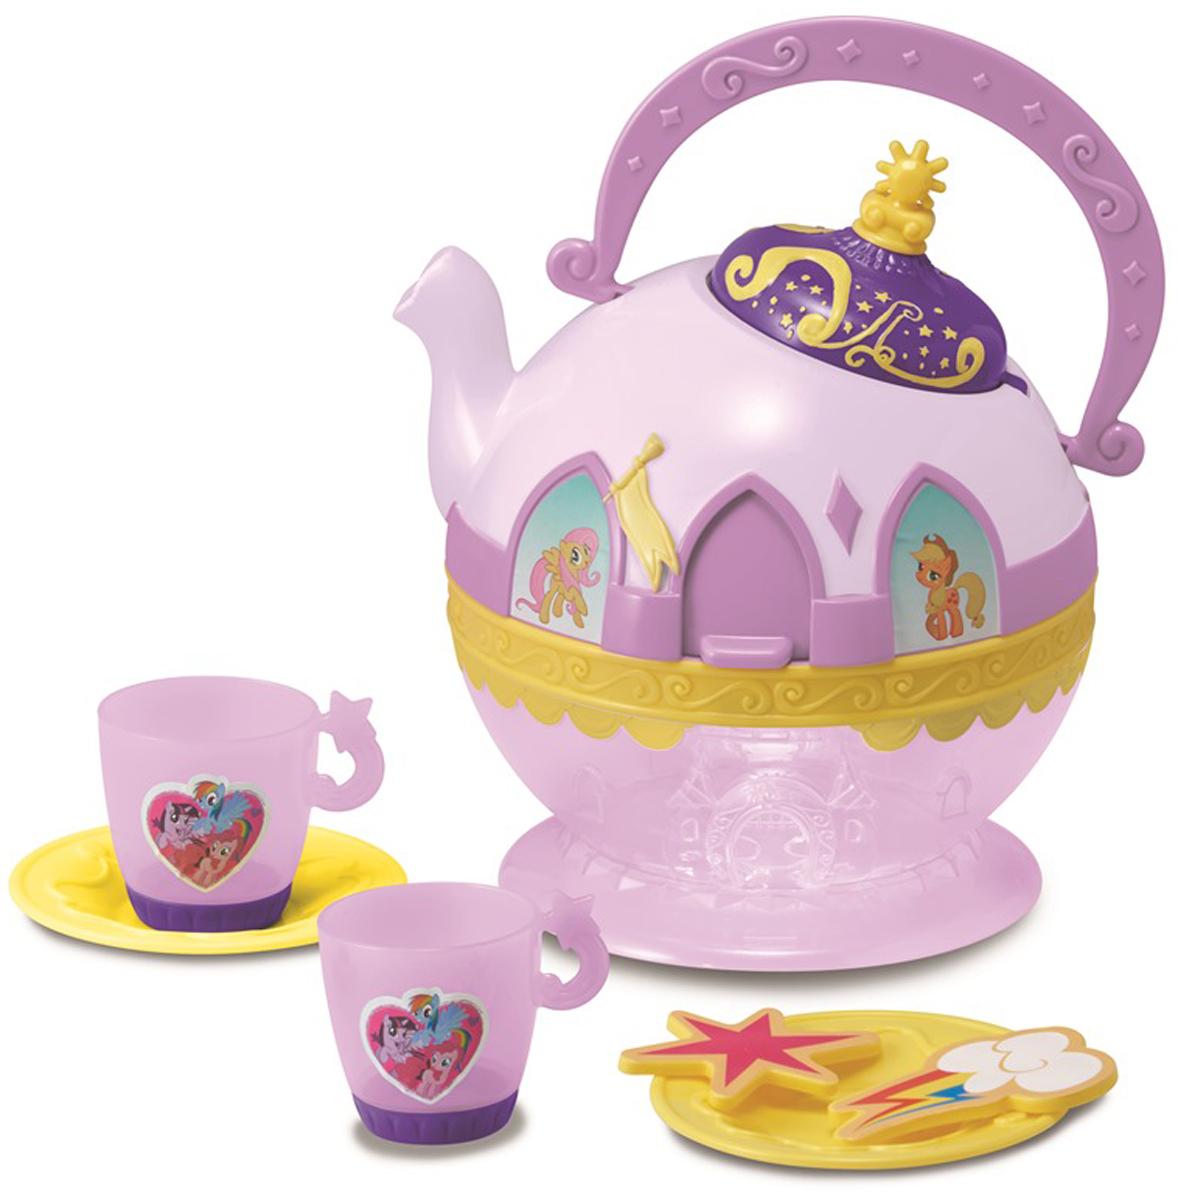 HTI Игровой набор Волшебный чайничек и набор посудки MLP hti игровой набор полицейский в кейсе